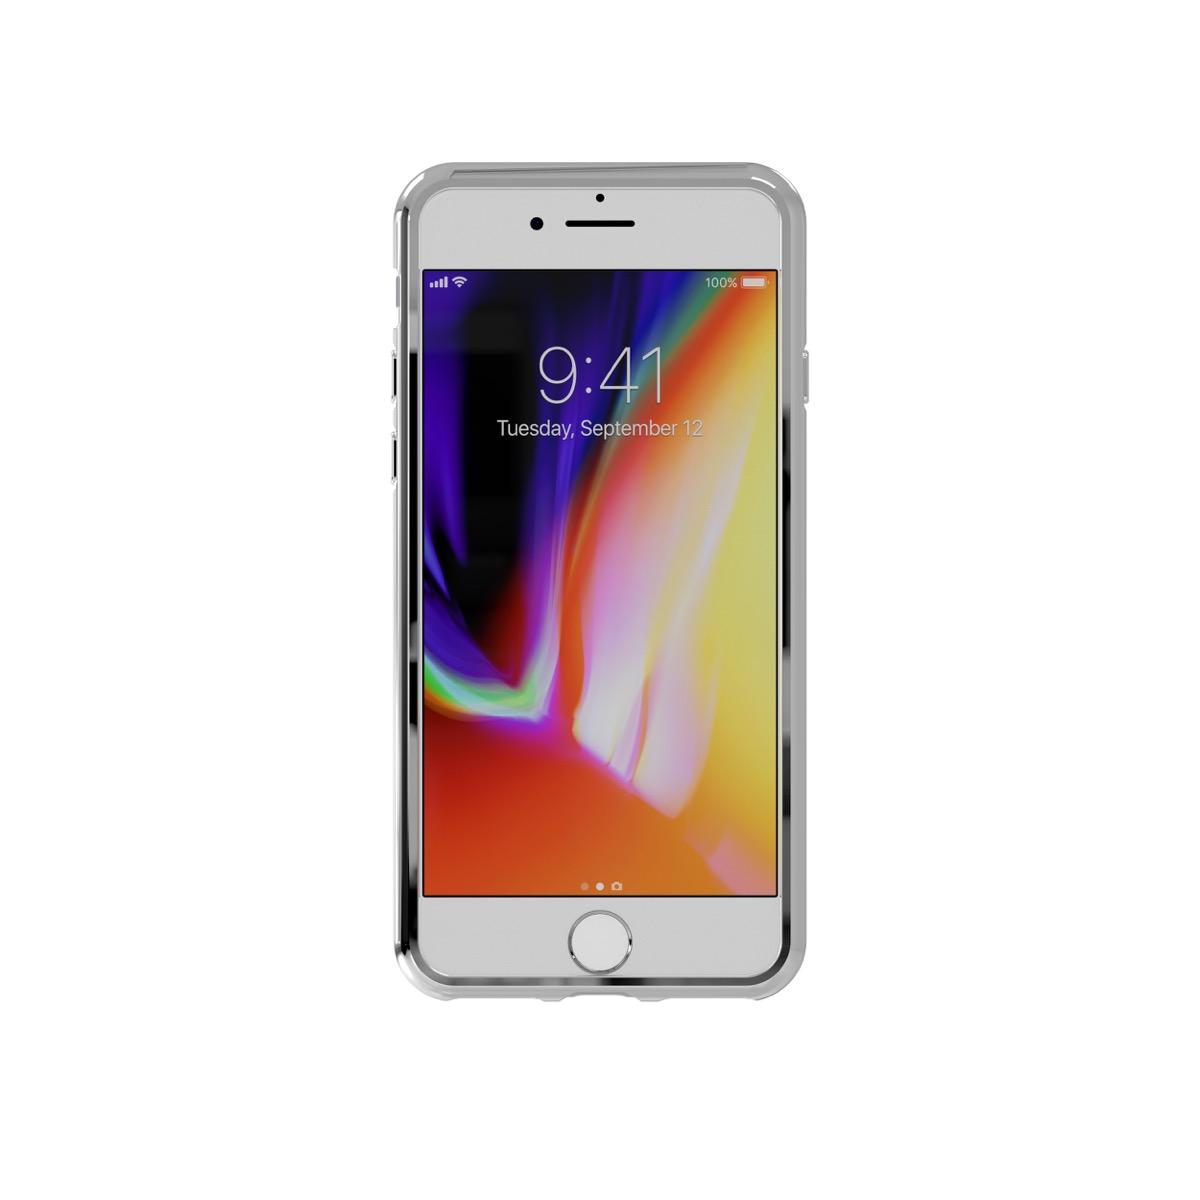 4e503bfbf7 【取扱終了製品】adidas Originals Clear case iPhone 8 Trefoils Silver logo海外輸入ブランド商品| 株式会社エム・エス・シー | 海外輸入ブランド商品|株式会社 ...